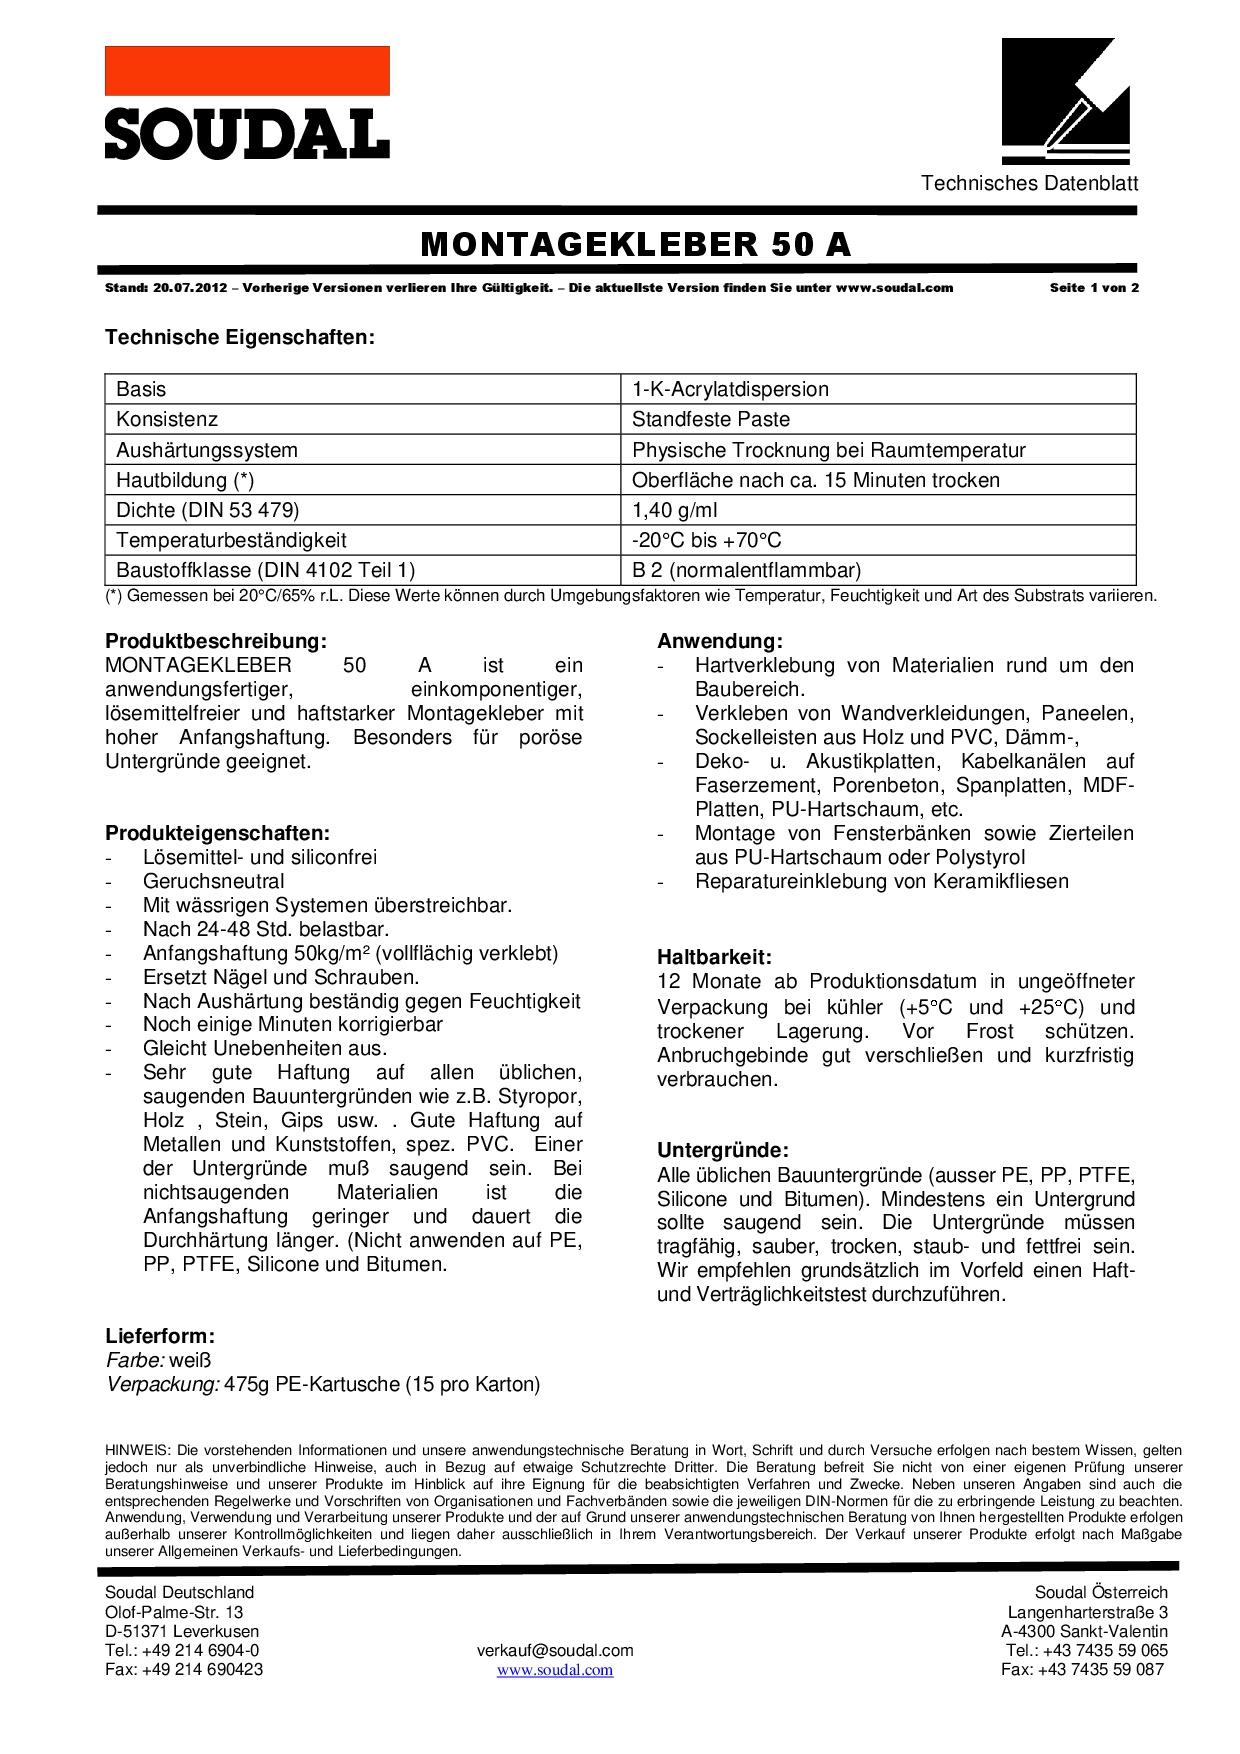 Montagekleber_50A-technischeDaten-jpg-001